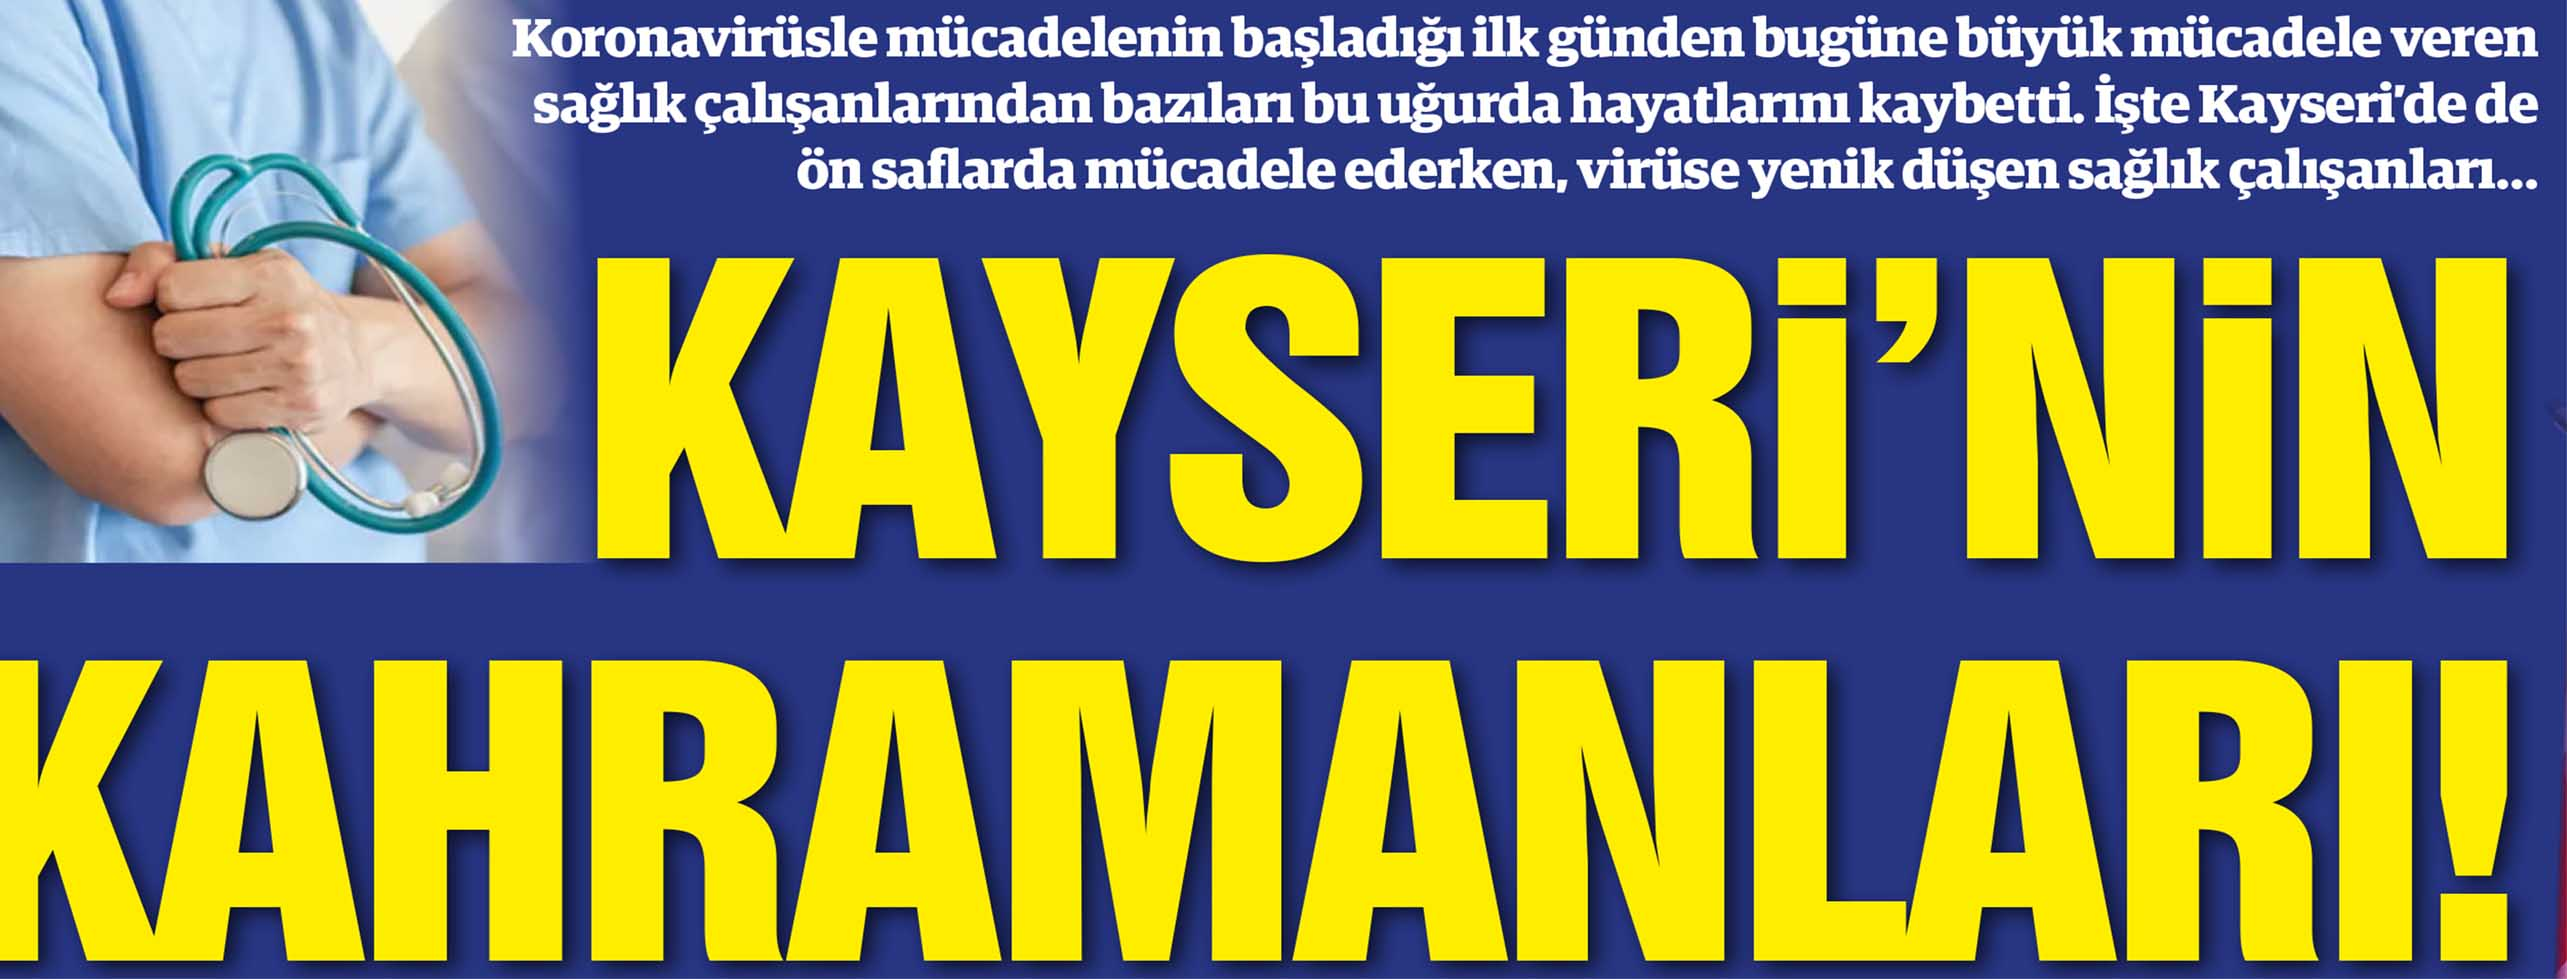 KAYSERİ'NİN KAHRAMANLARI!